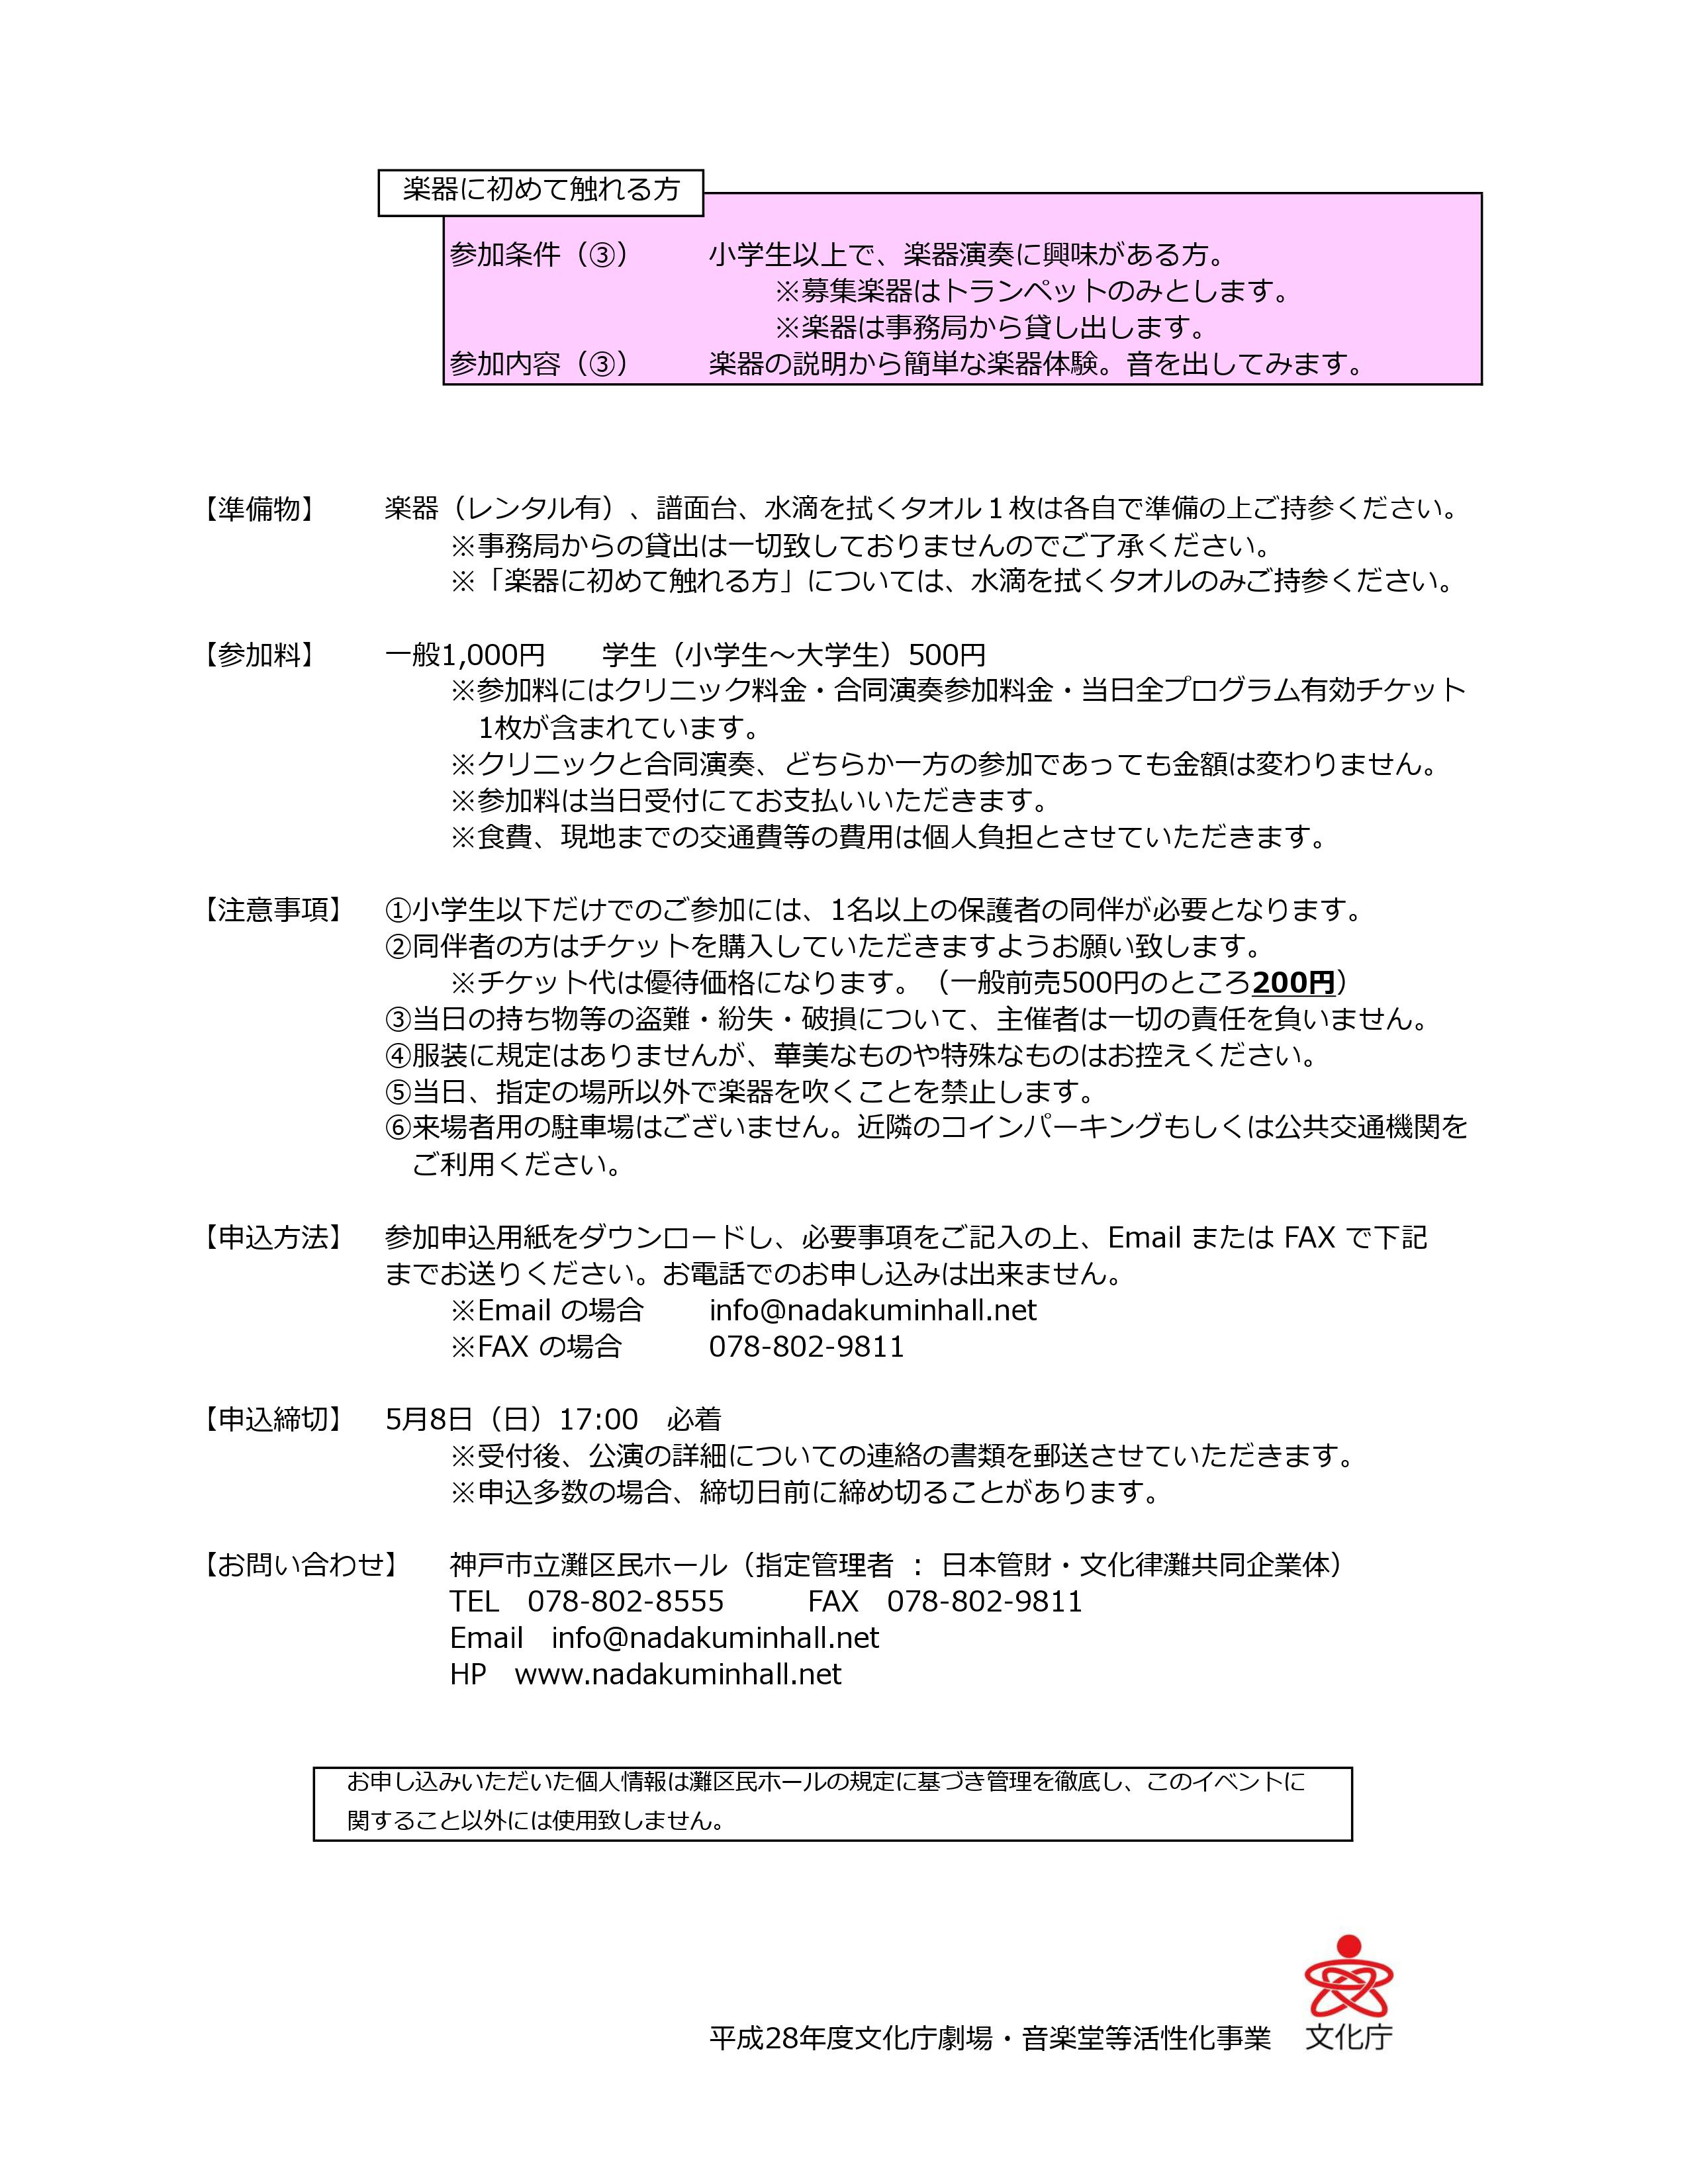 160521募集要項_最新_2